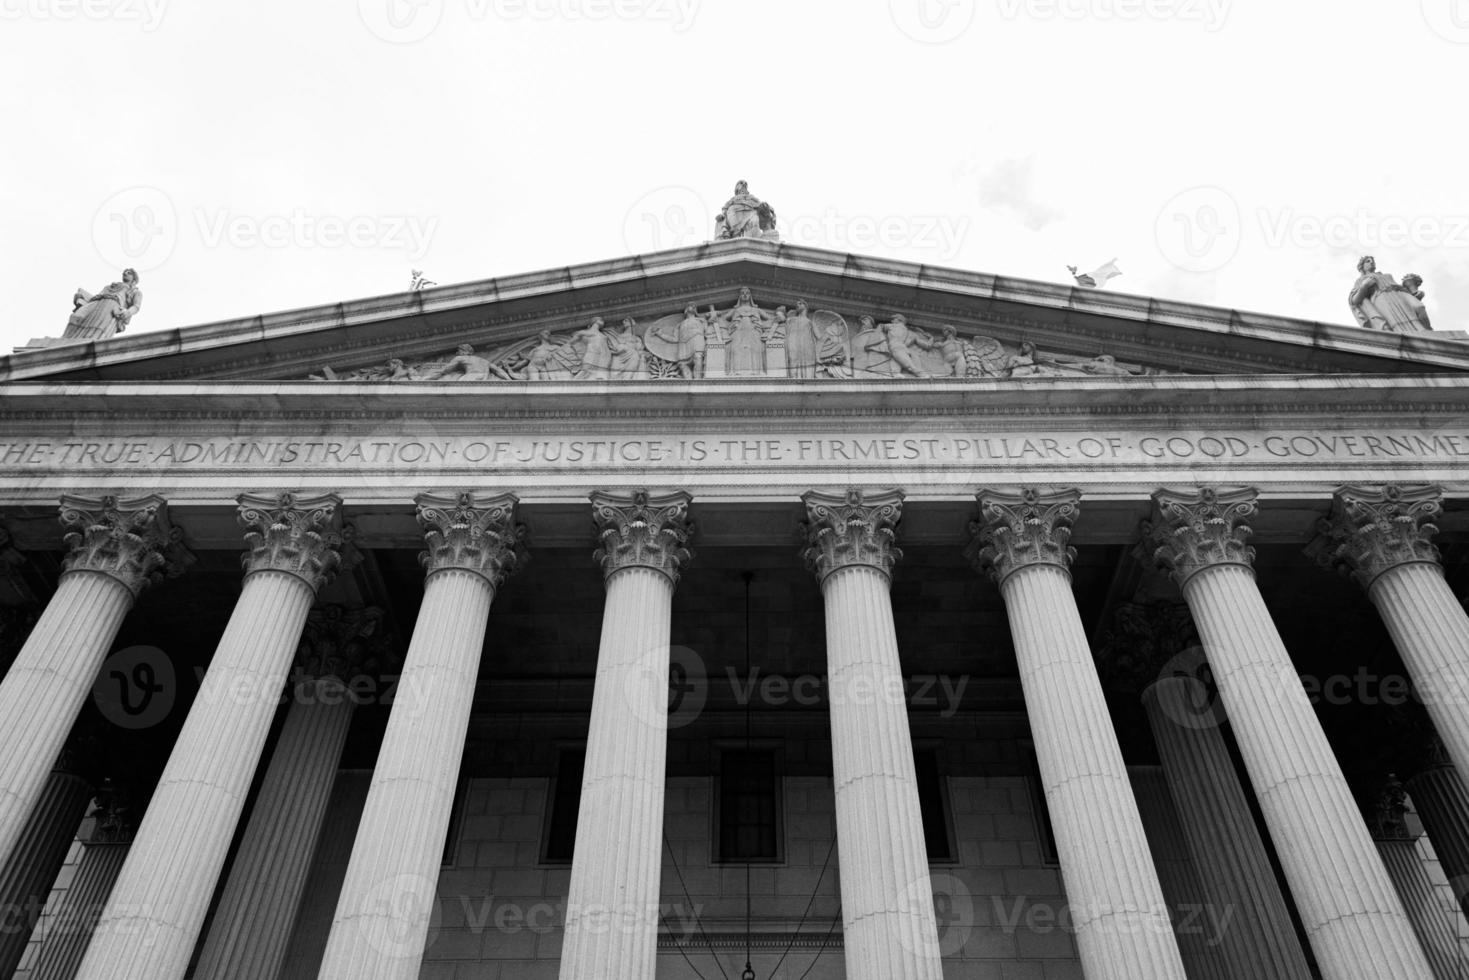 columnas clásicas en el tribunal supremo, nueva york foto